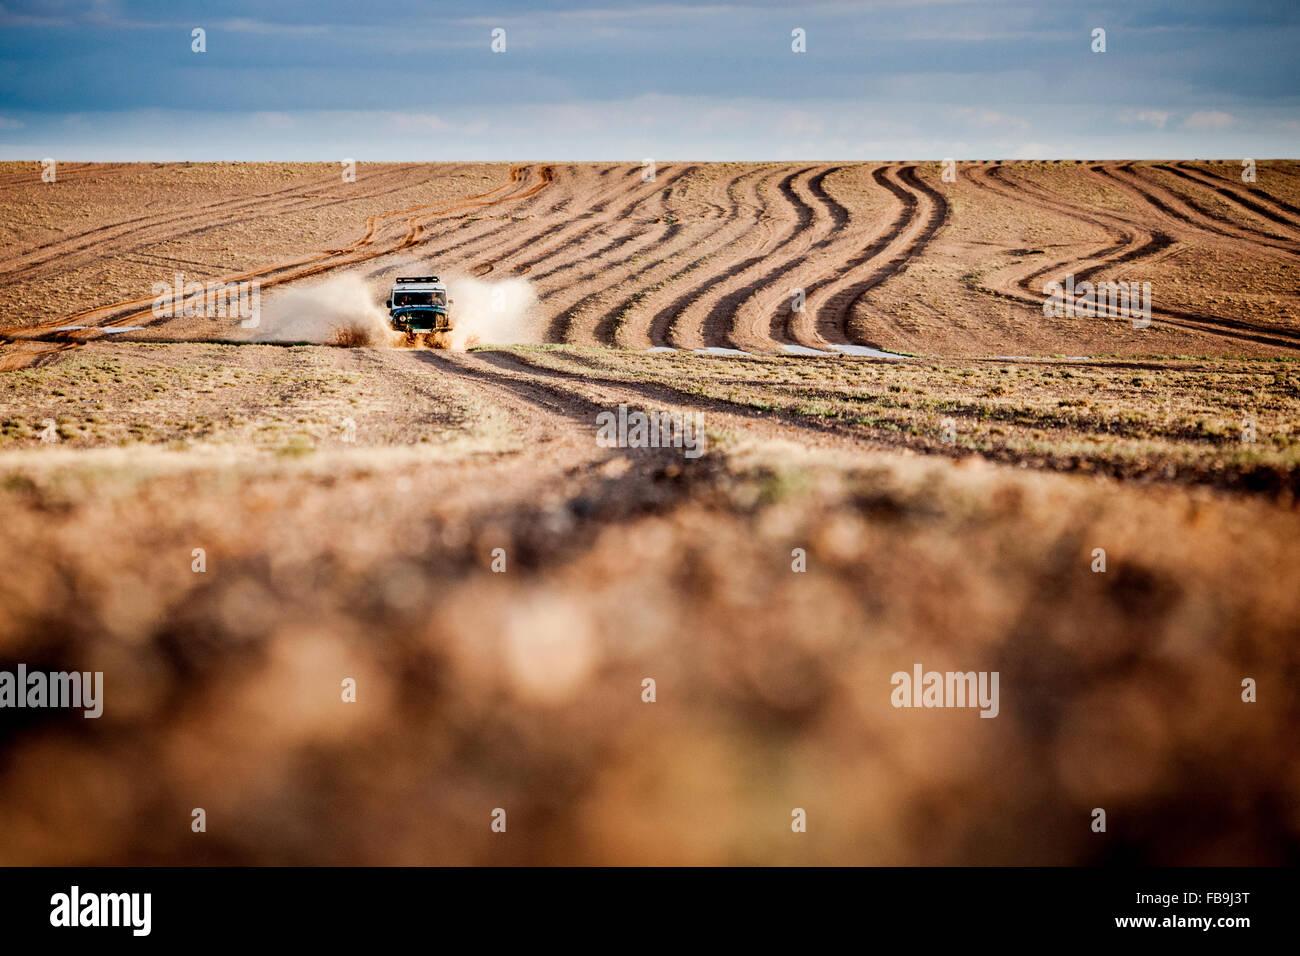 Una federación de 4WD en acción en el desierto de Gobi, Mongolia. Imagen De Stock